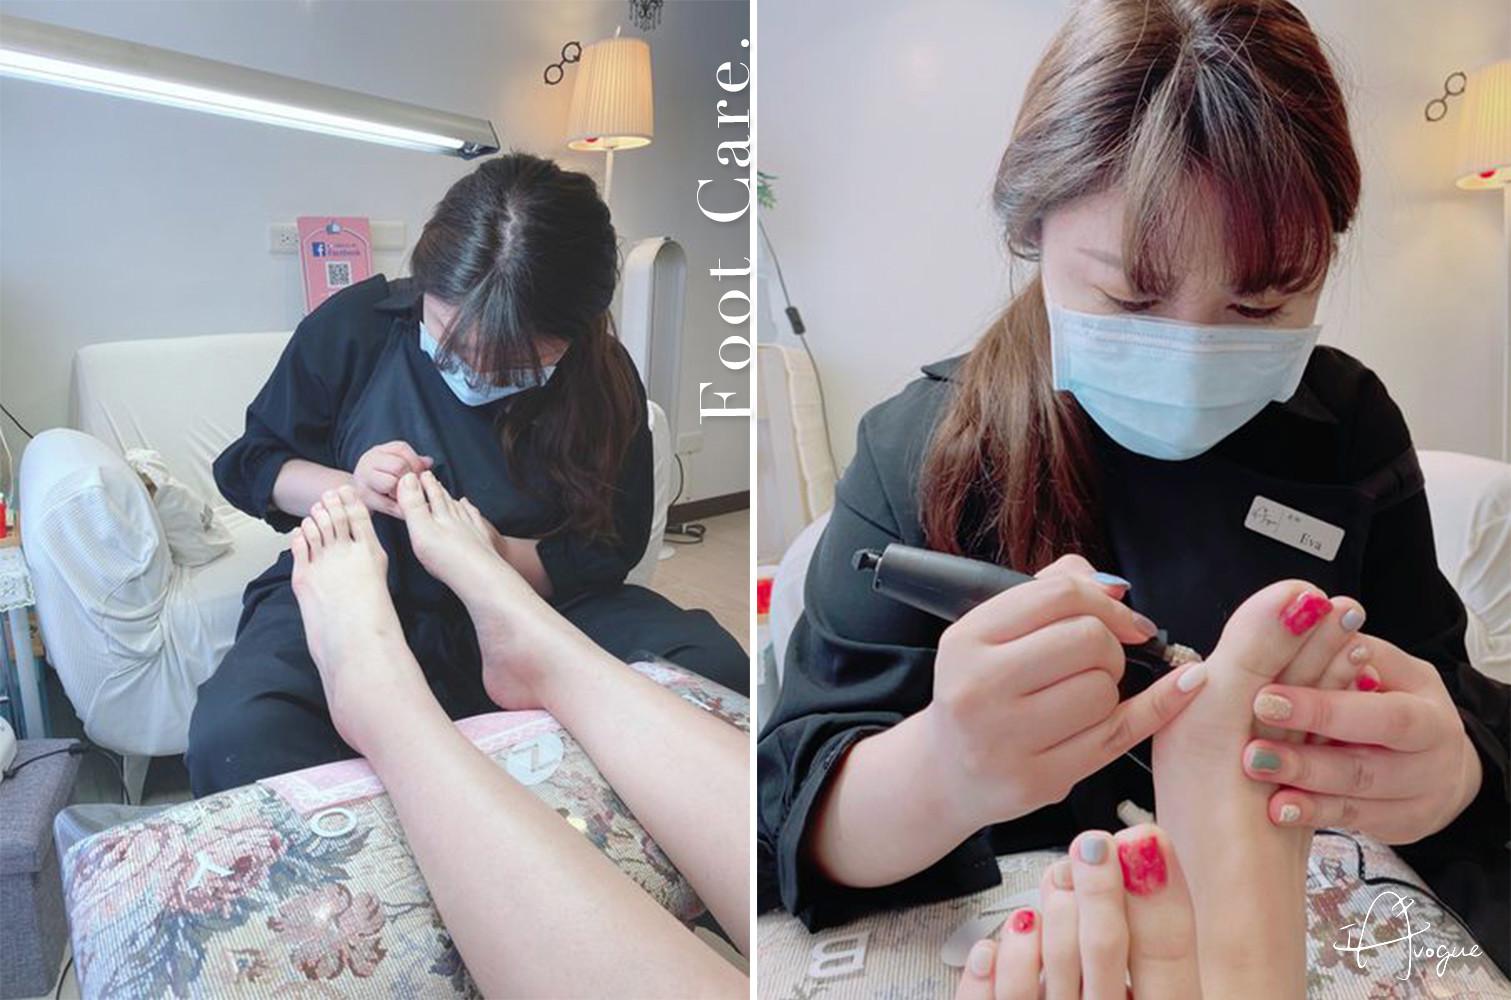 腳底去角質及指甲修整-足部凝膠腳趾光療推薦-IA專業美睫設計